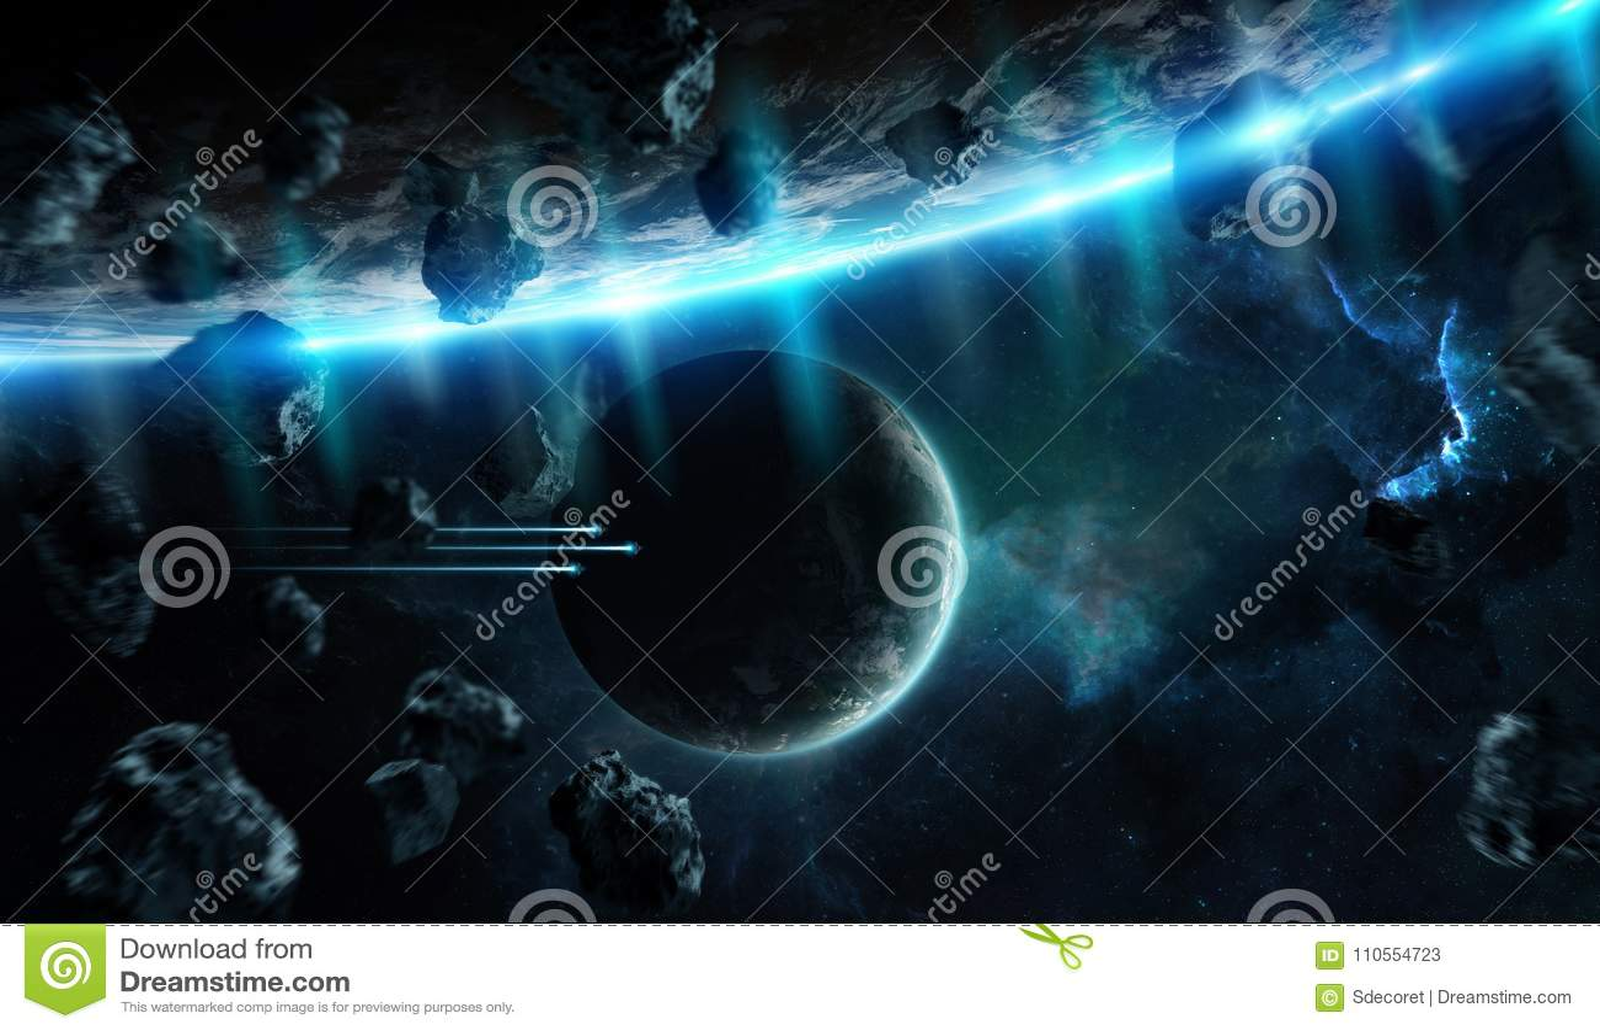 Απόμακρο σύστημα πλανητών στο διάστημα με την τρισδιάστατη απόδοση exoplanets elem